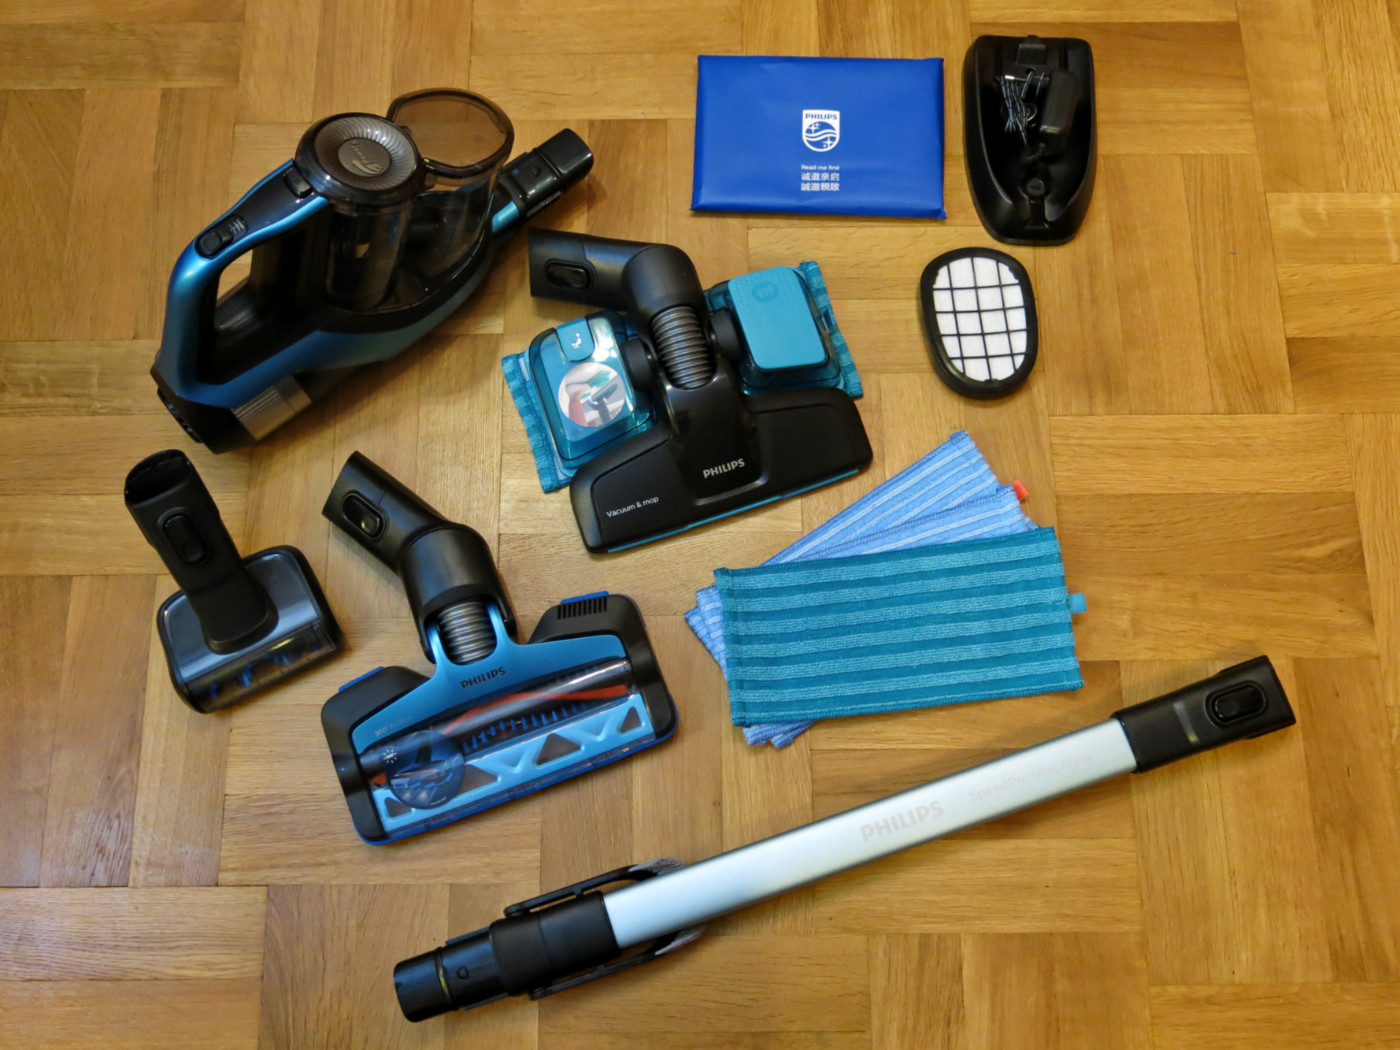 Philips SpeedPro Max Aqua